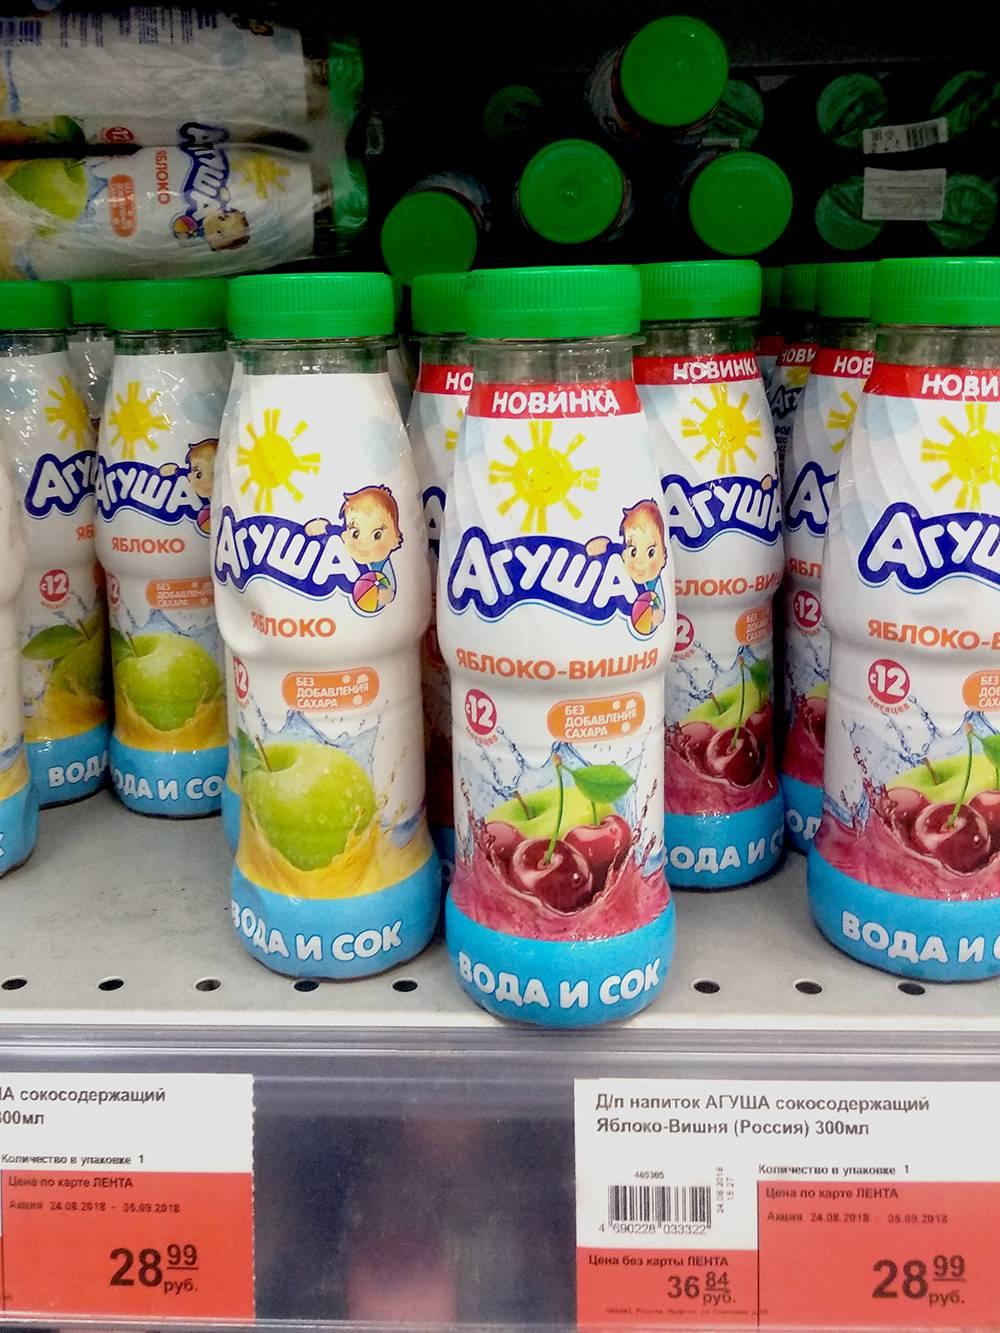 Базовая цена яблочной «Агуши» — 35,36<span class=ruble>Р</span>, цена по акции на 22% ниже. Это не очень большая скидка на такой товар, но если запасы на нуле, то можно взять немного